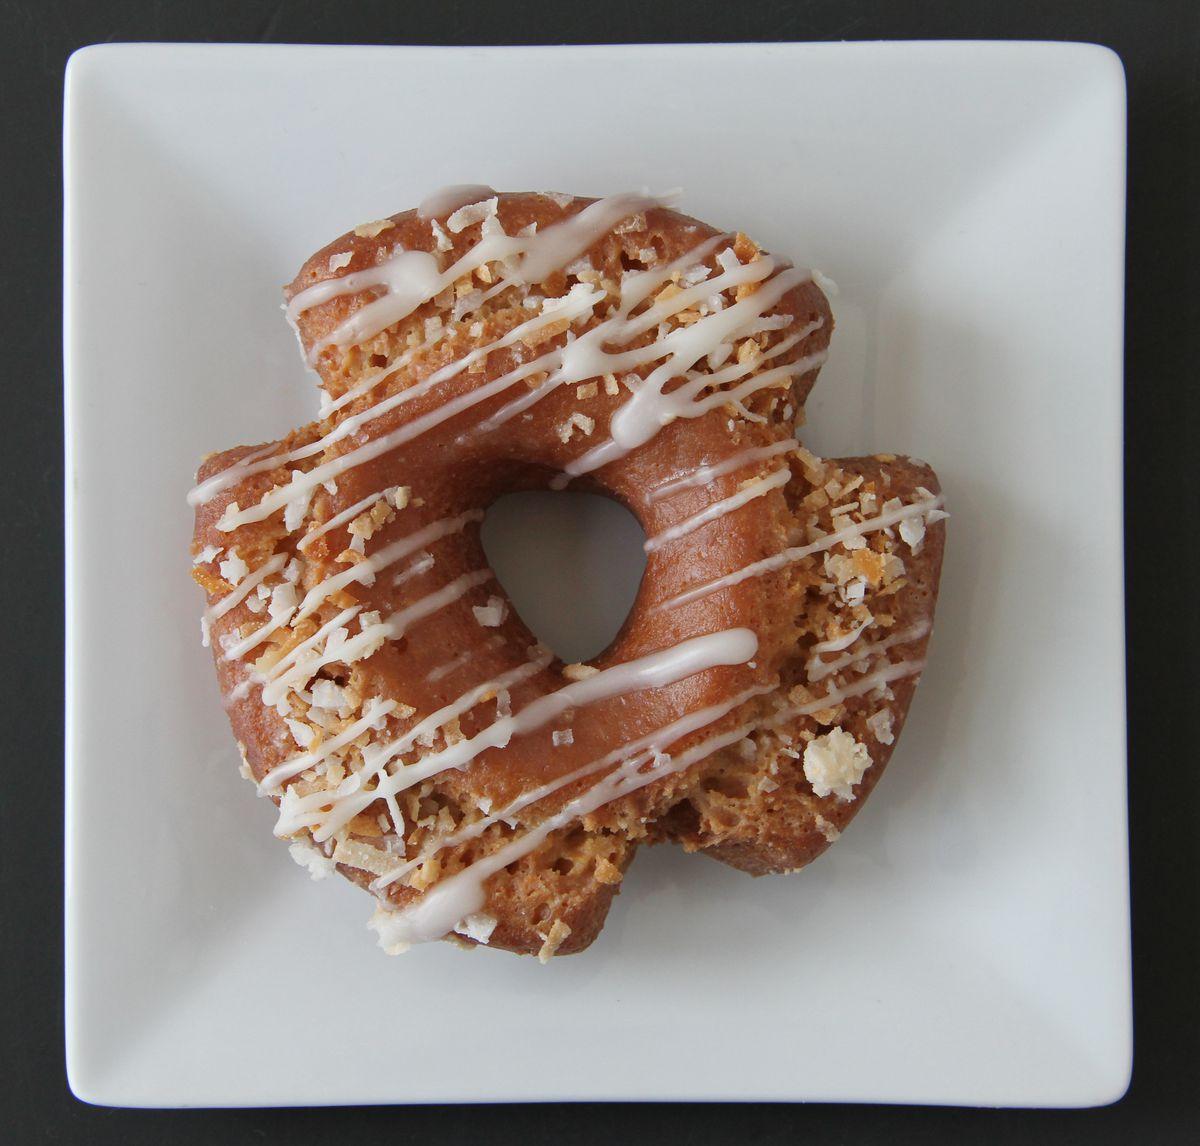 The tres leches doughnut [Photo: Official]